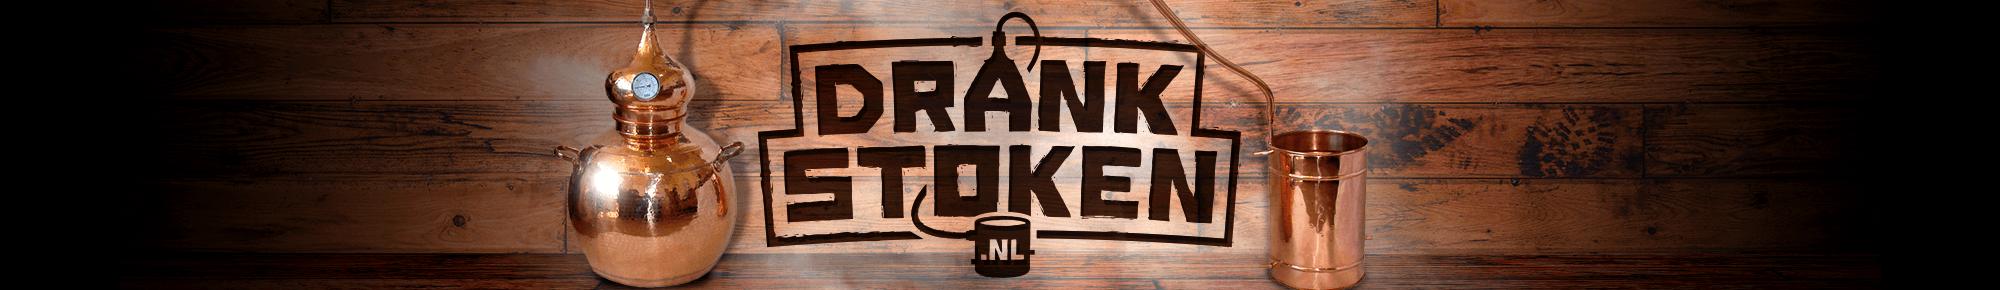 Drank Stoken website header